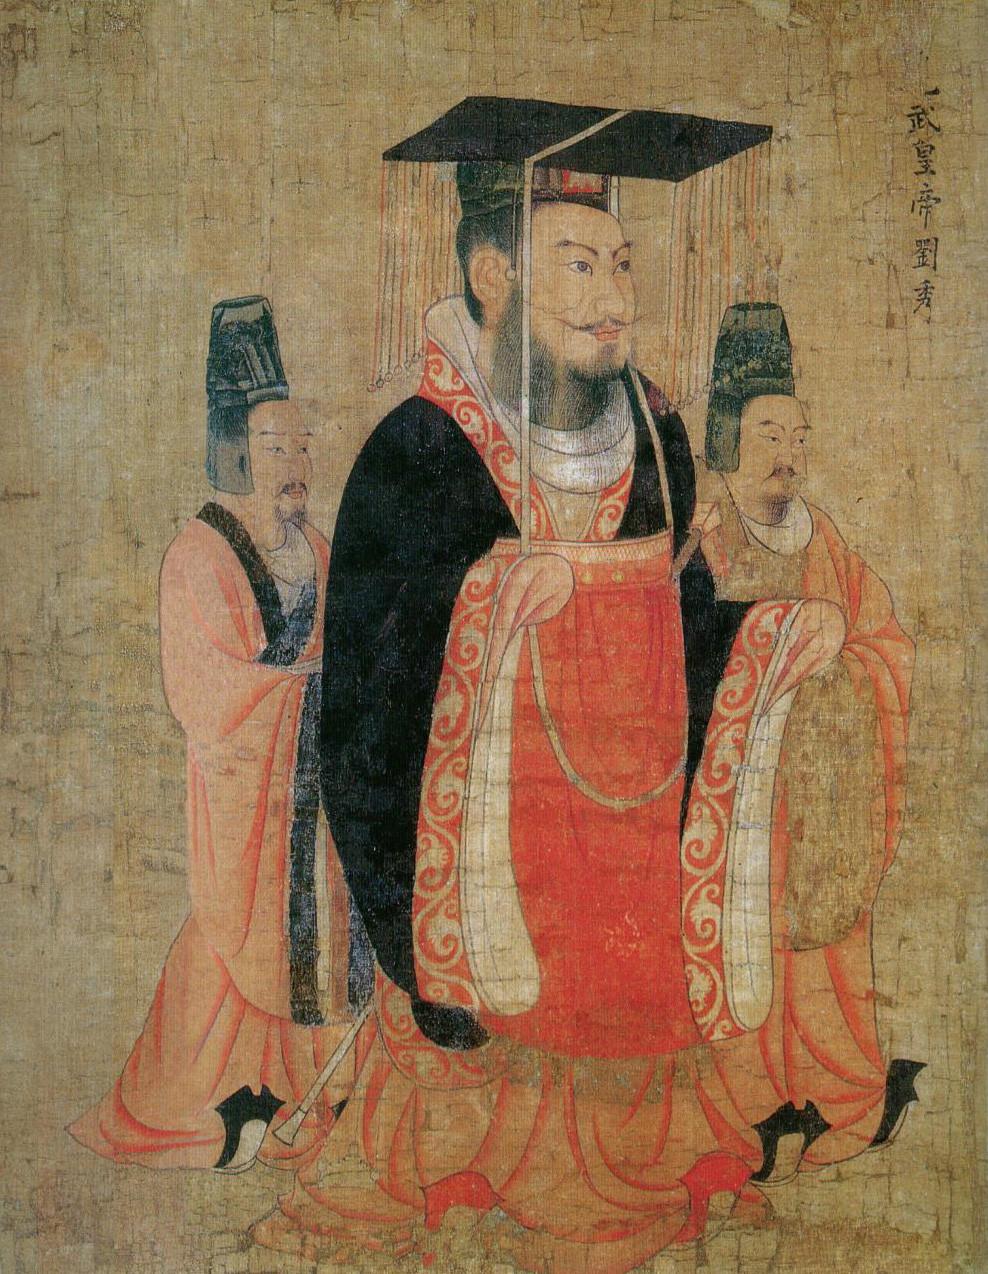 閻立本《古帝王圖》裡的漢光武帝畫像